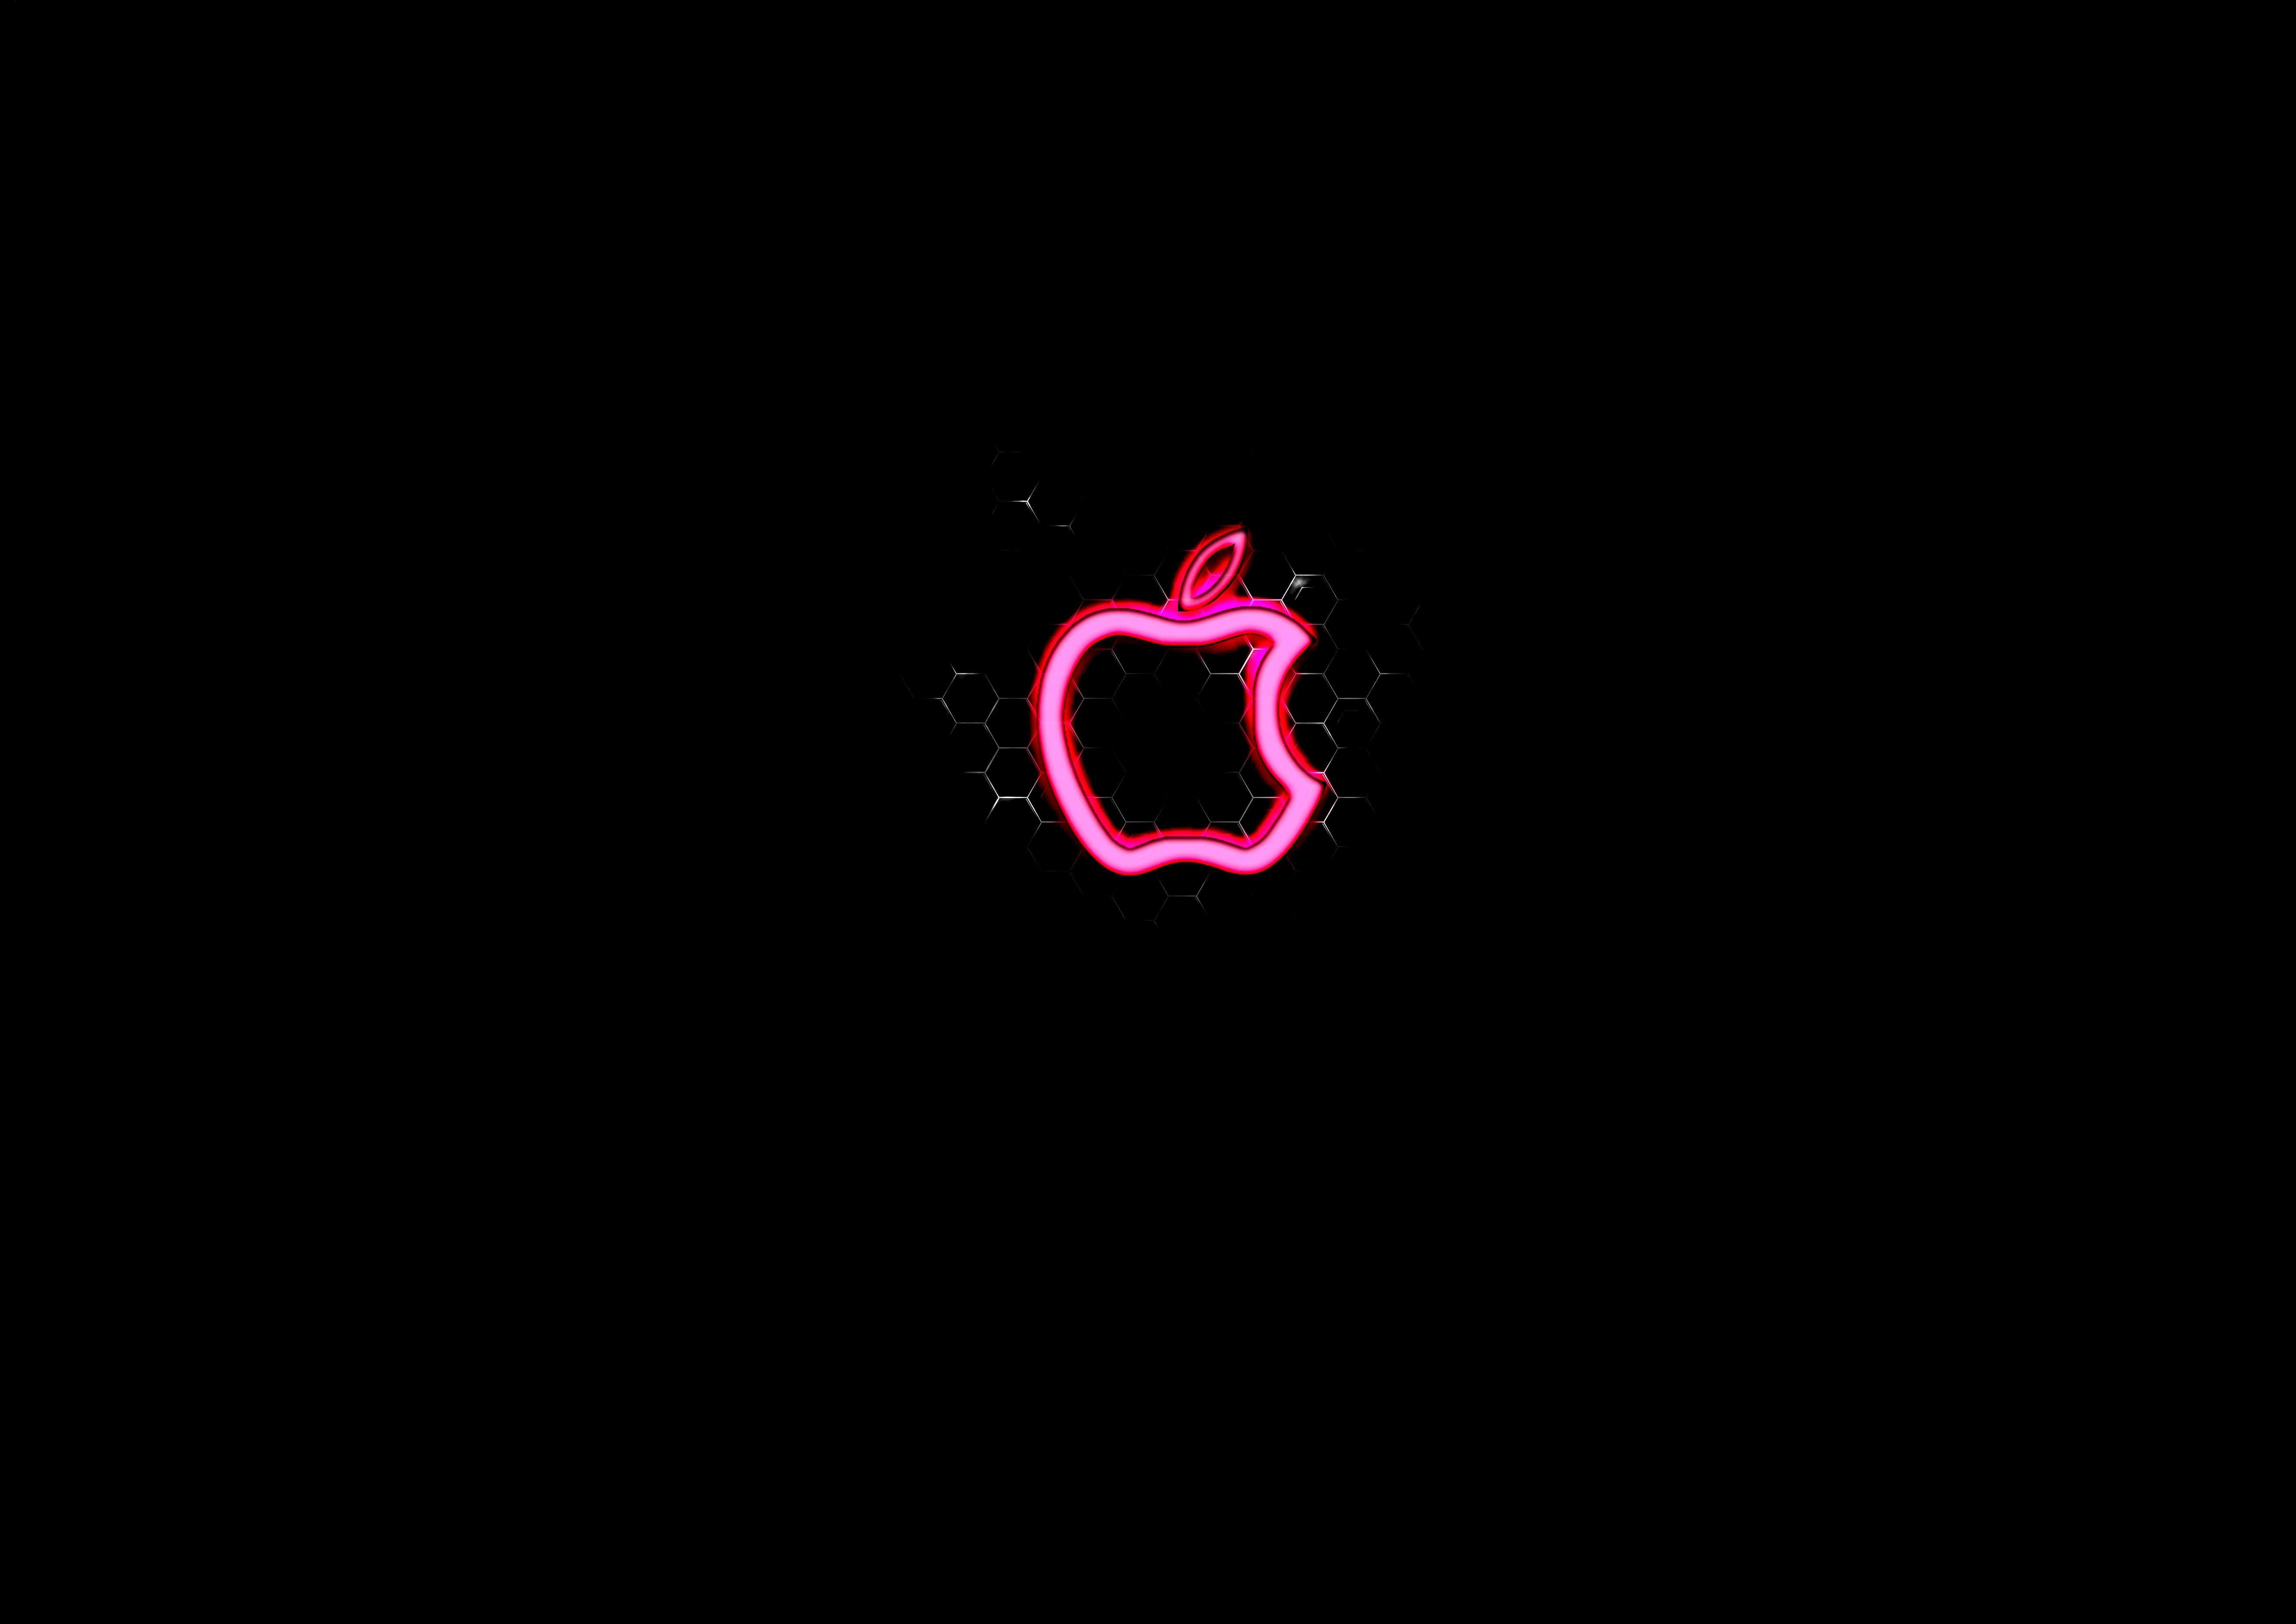 Pink Apple Logo Wallpaper Bing Images Cool Mac Wallpaper